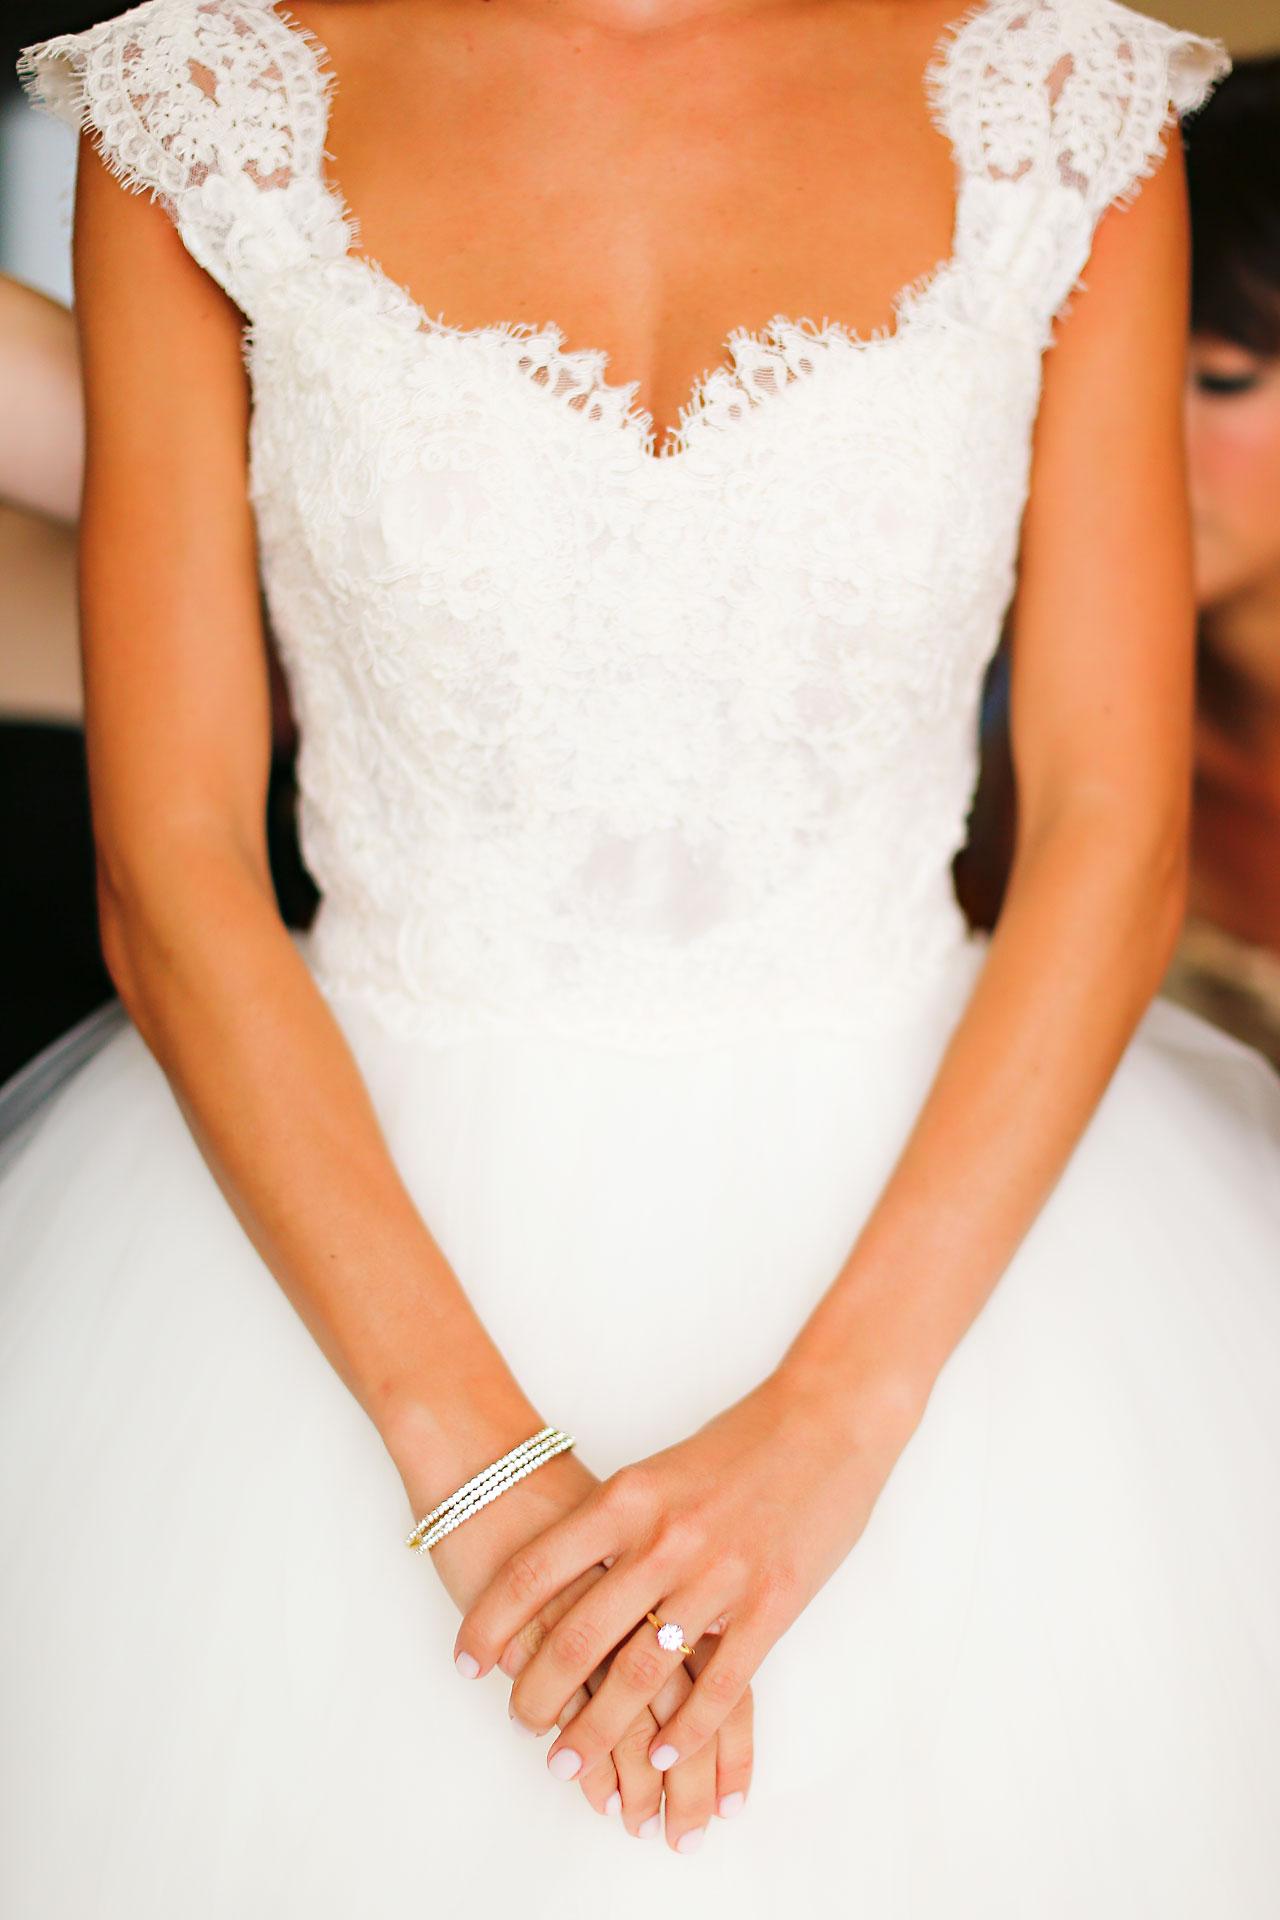 allie craig scottish rite wedding 022